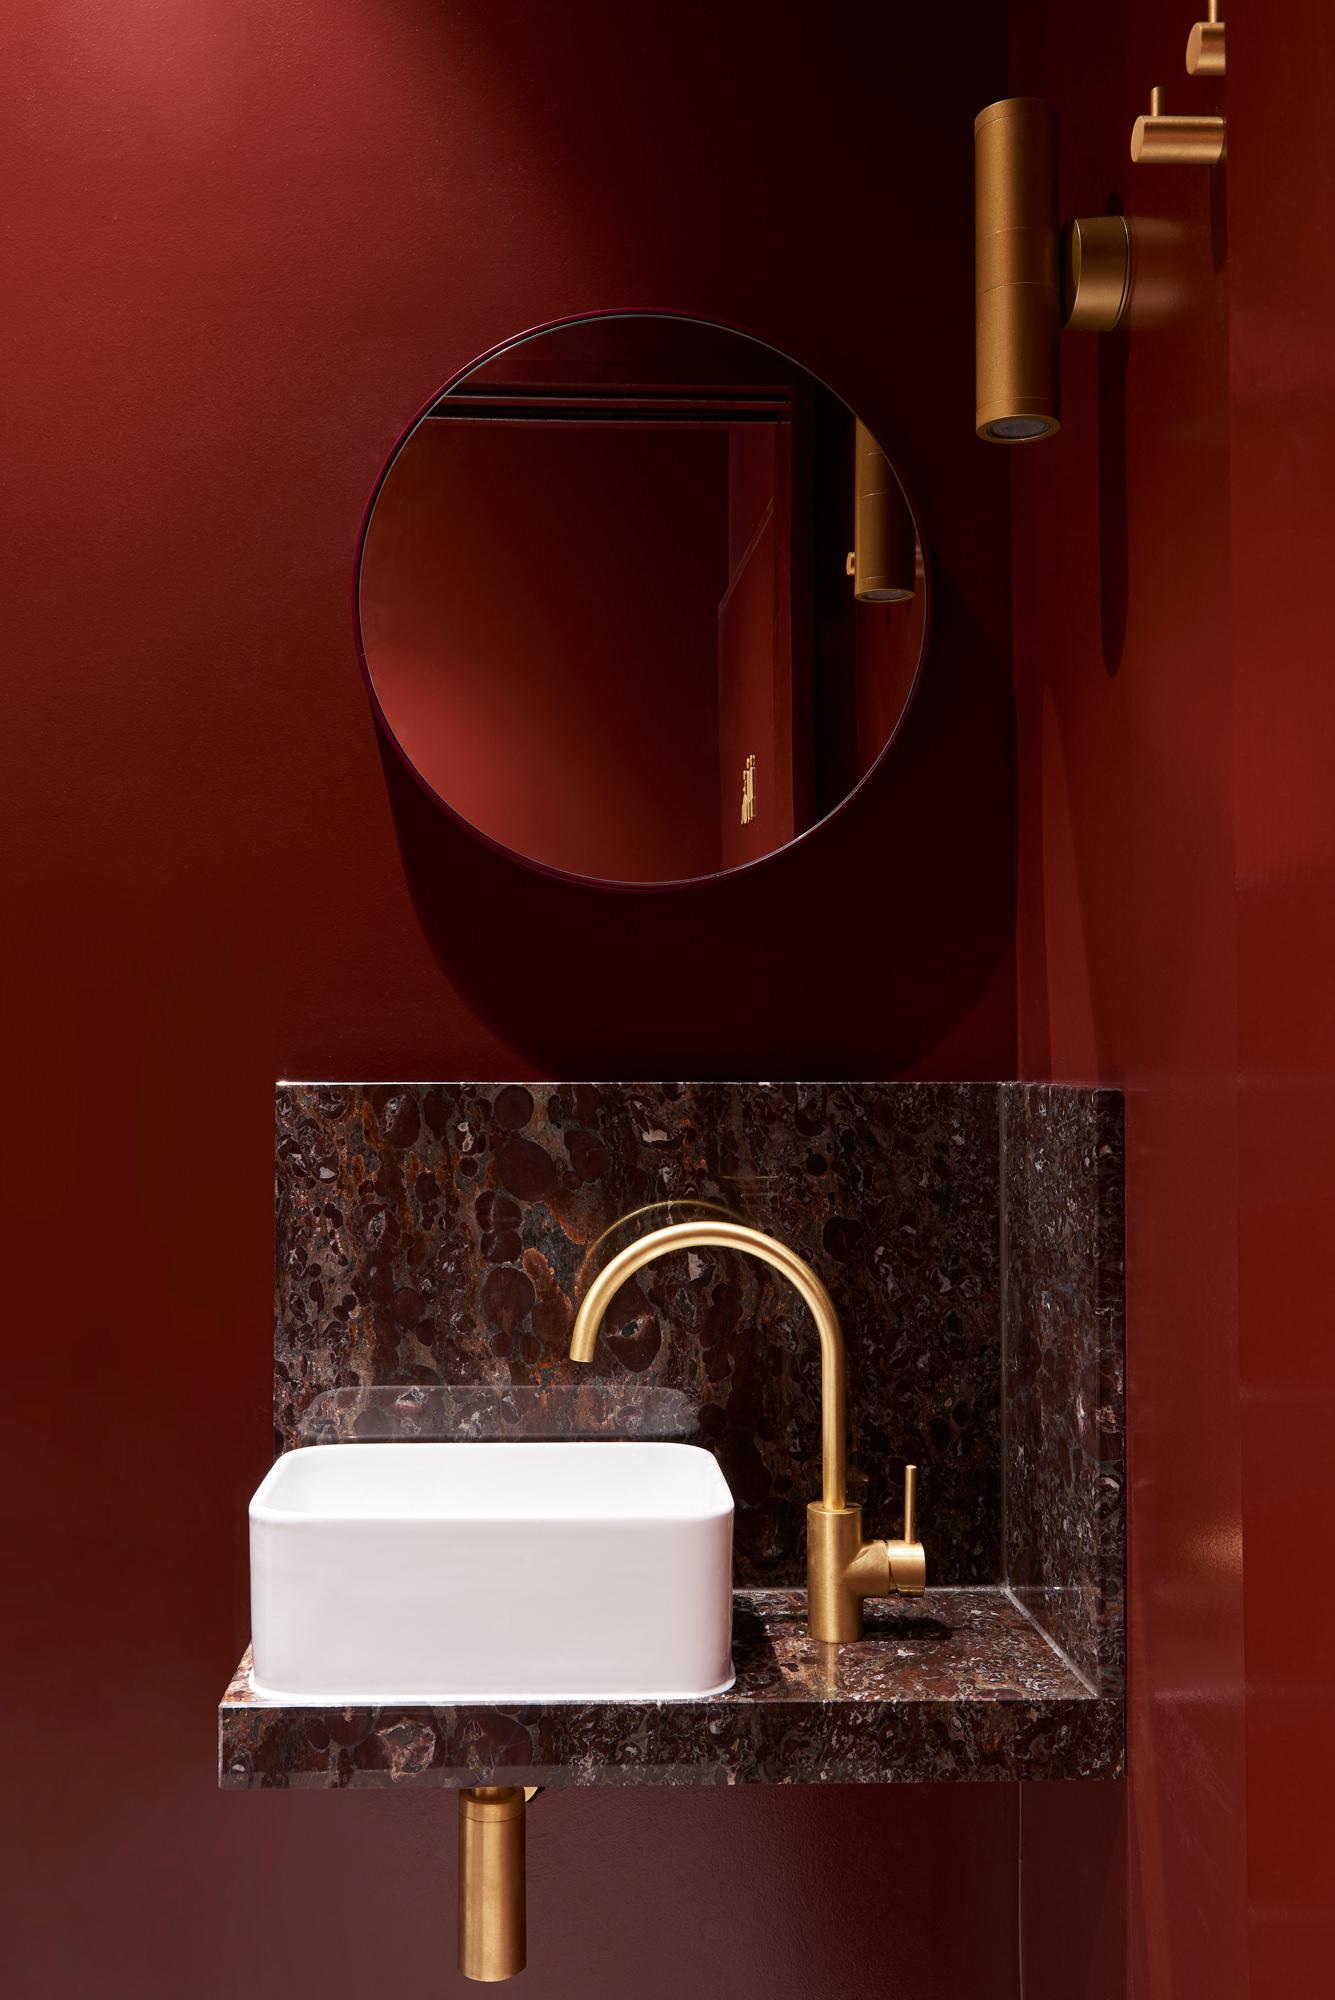 un coin d'eau en rouge, pierre et laiton